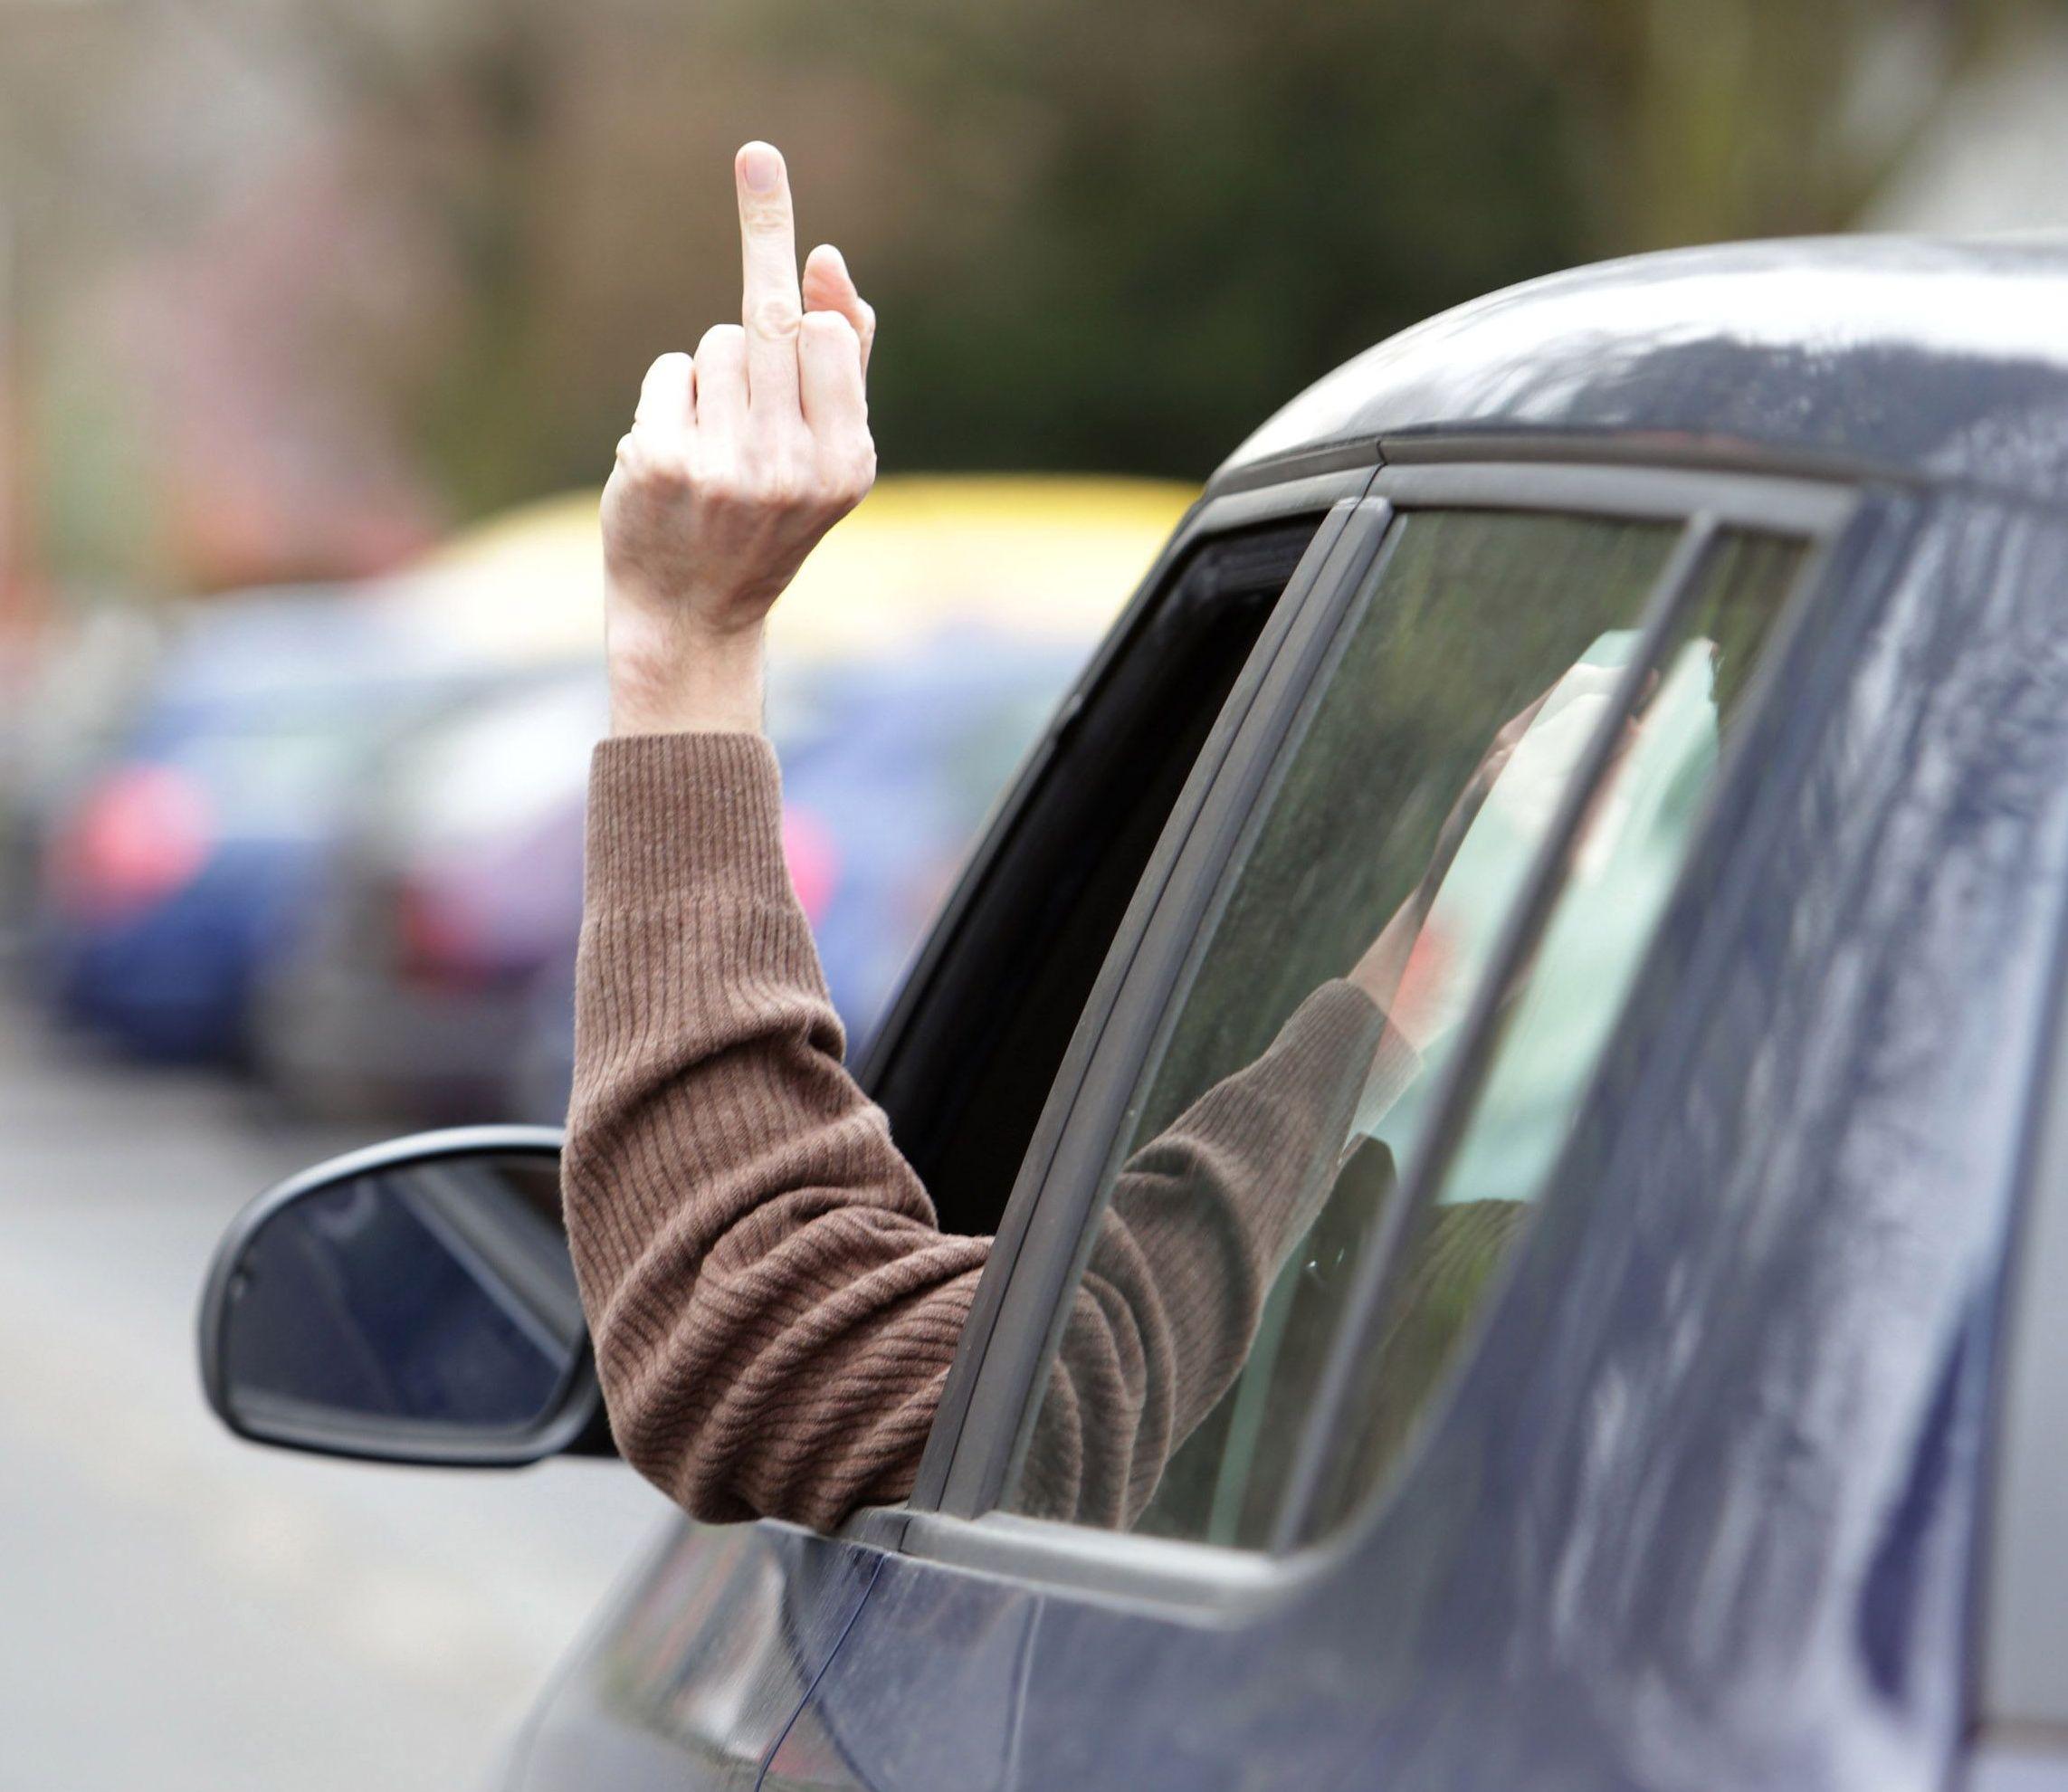 RüŸcksicht im Straßenverkehr ist nicht jedermanns Sache. Denunzianten oder Weltverbesserer? - fahrerbewertung.de spaltet die Internetwelt (Foto: fahrerbewertung.de)